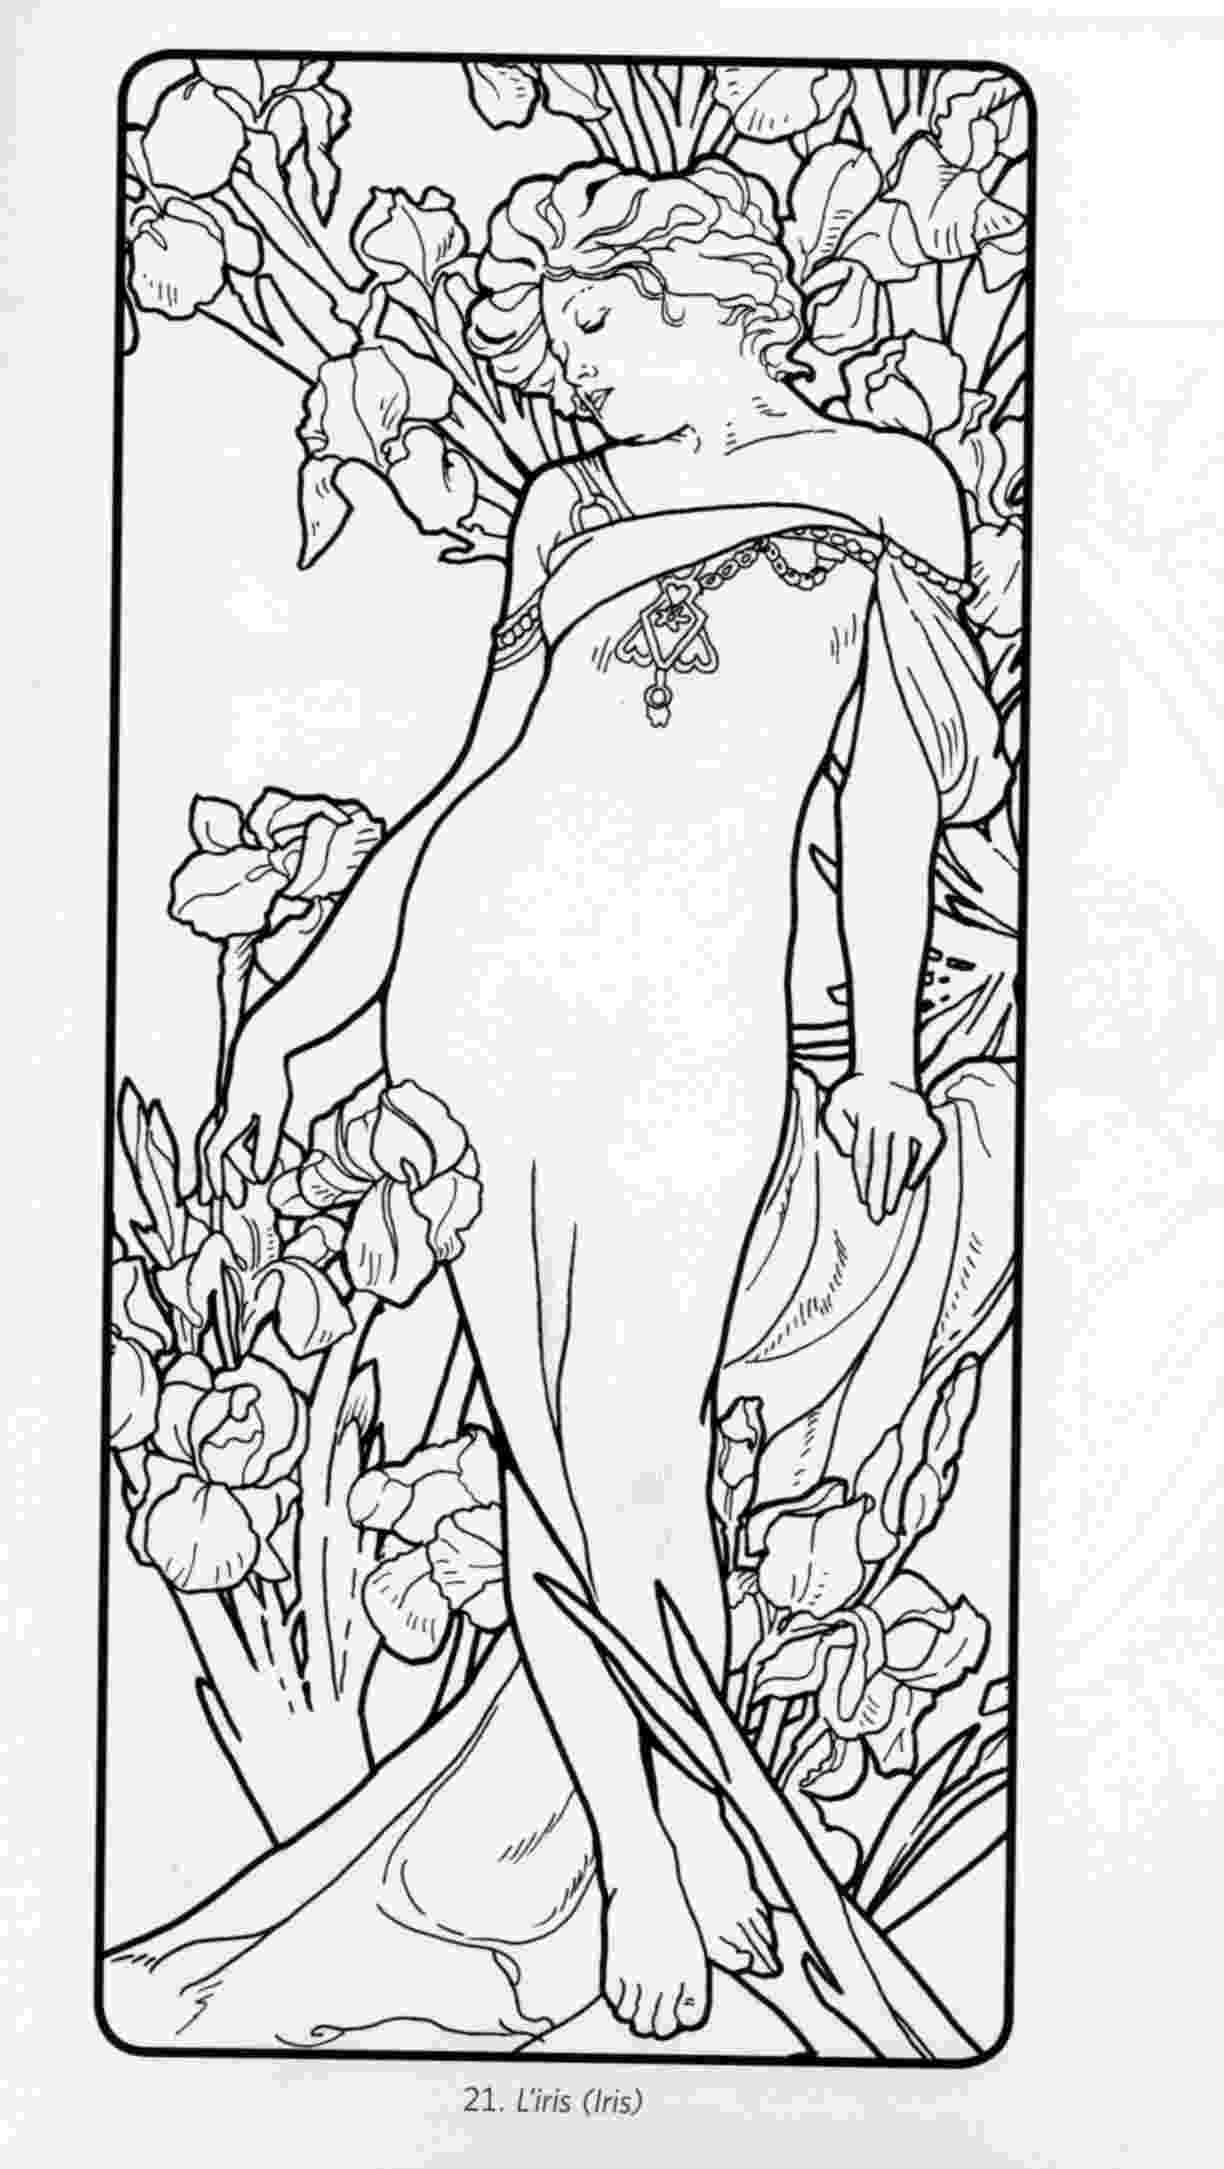 art nouveau coloring book online free coloring page coloring adult woman art nouveau style art online book coloring nouveau